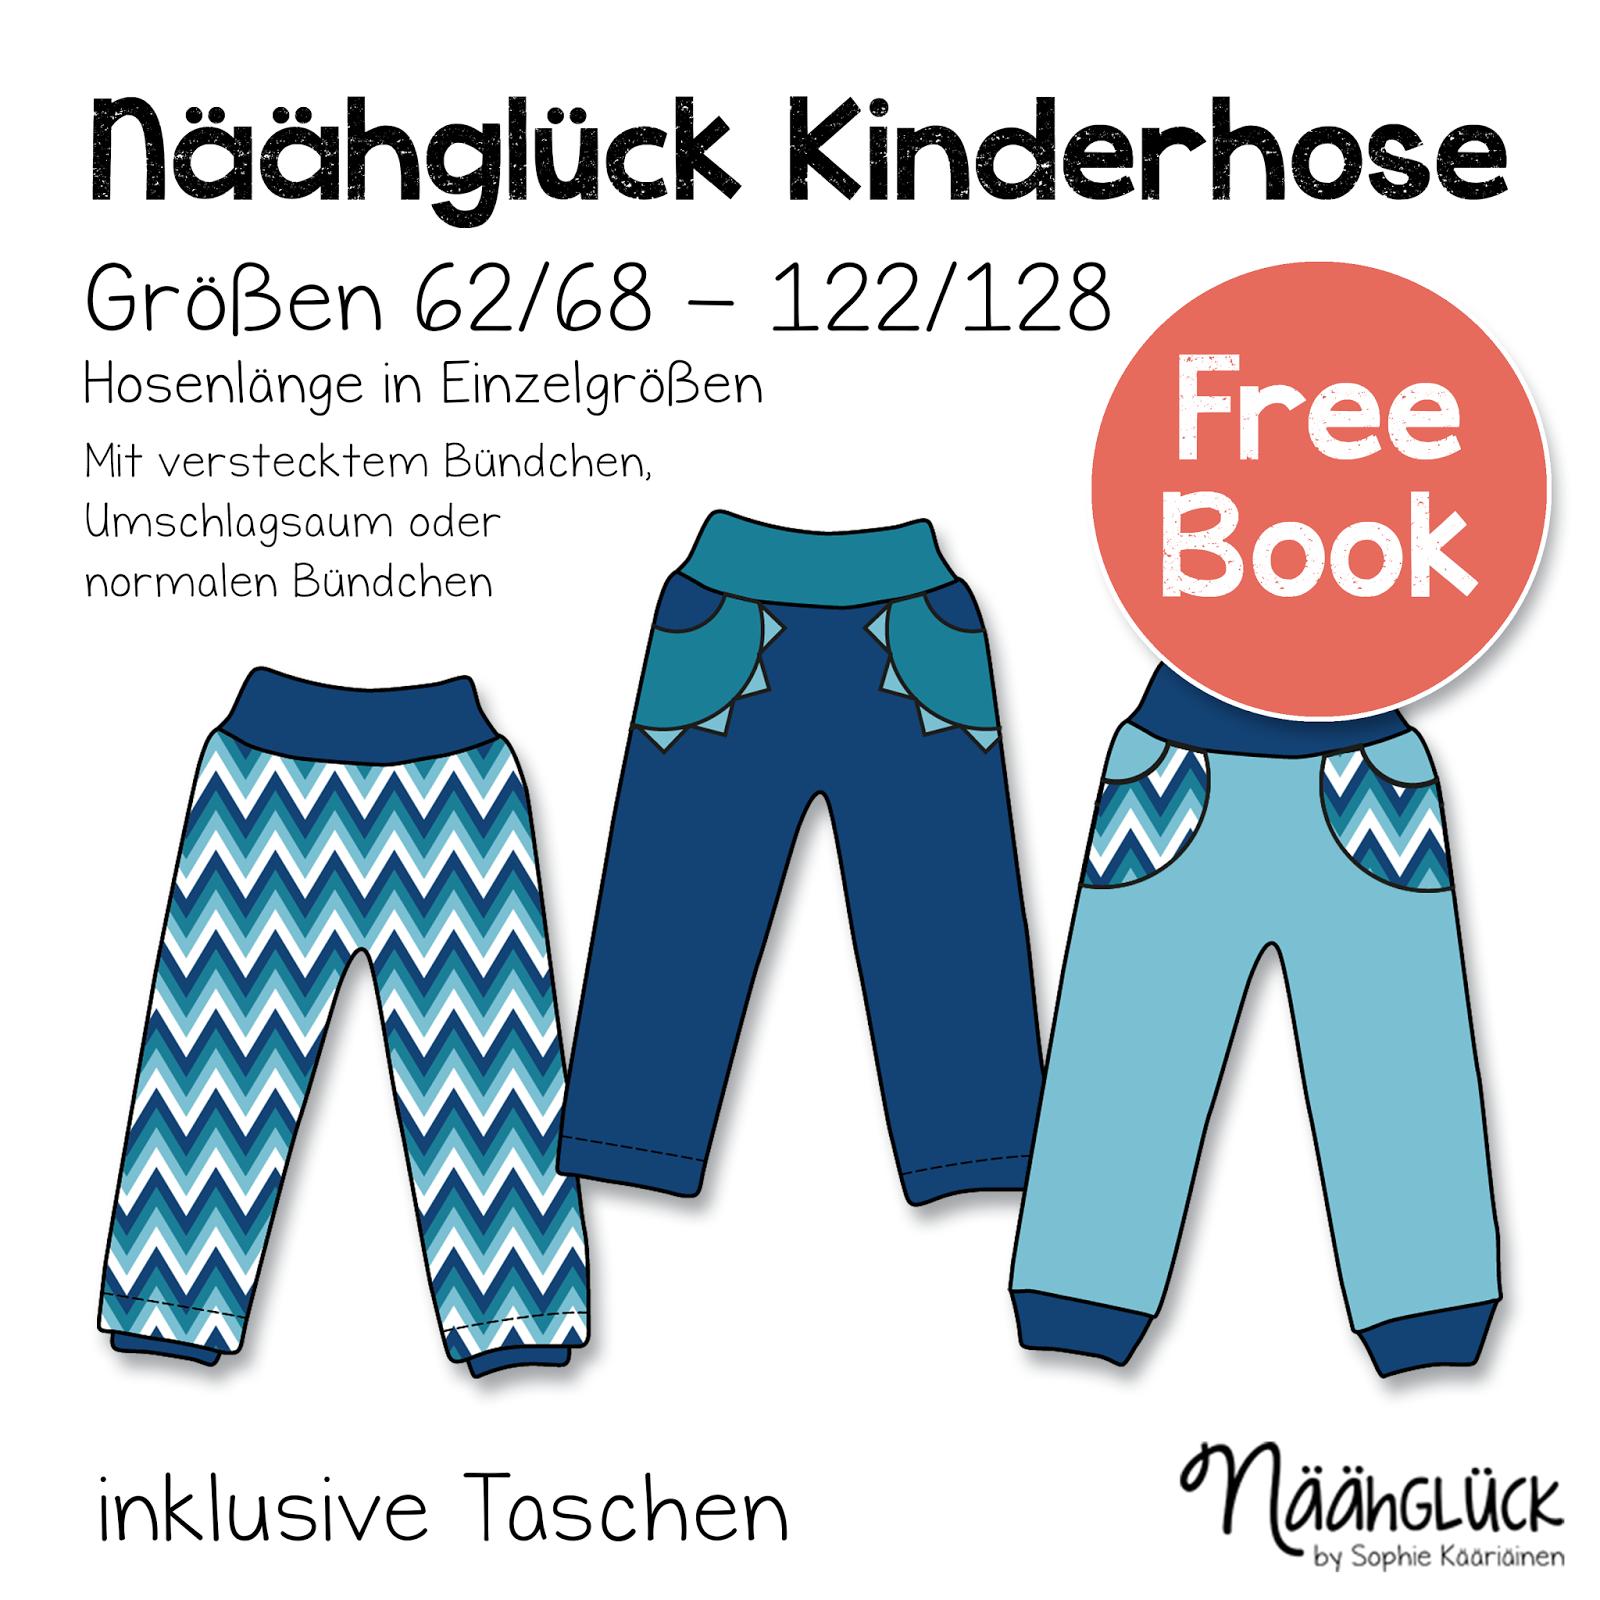 Titelbild für kostenlose Schnittmuster einer Kinderhose von Näähglück. Die Schnittmustervarianten werden hier dargestellt.